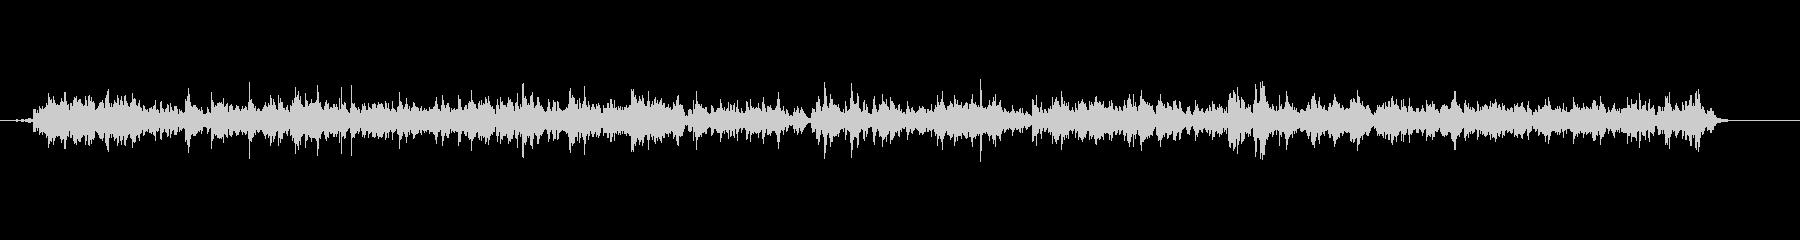 ジングルベル、大、ランダム、音楽F...の未再生の波形